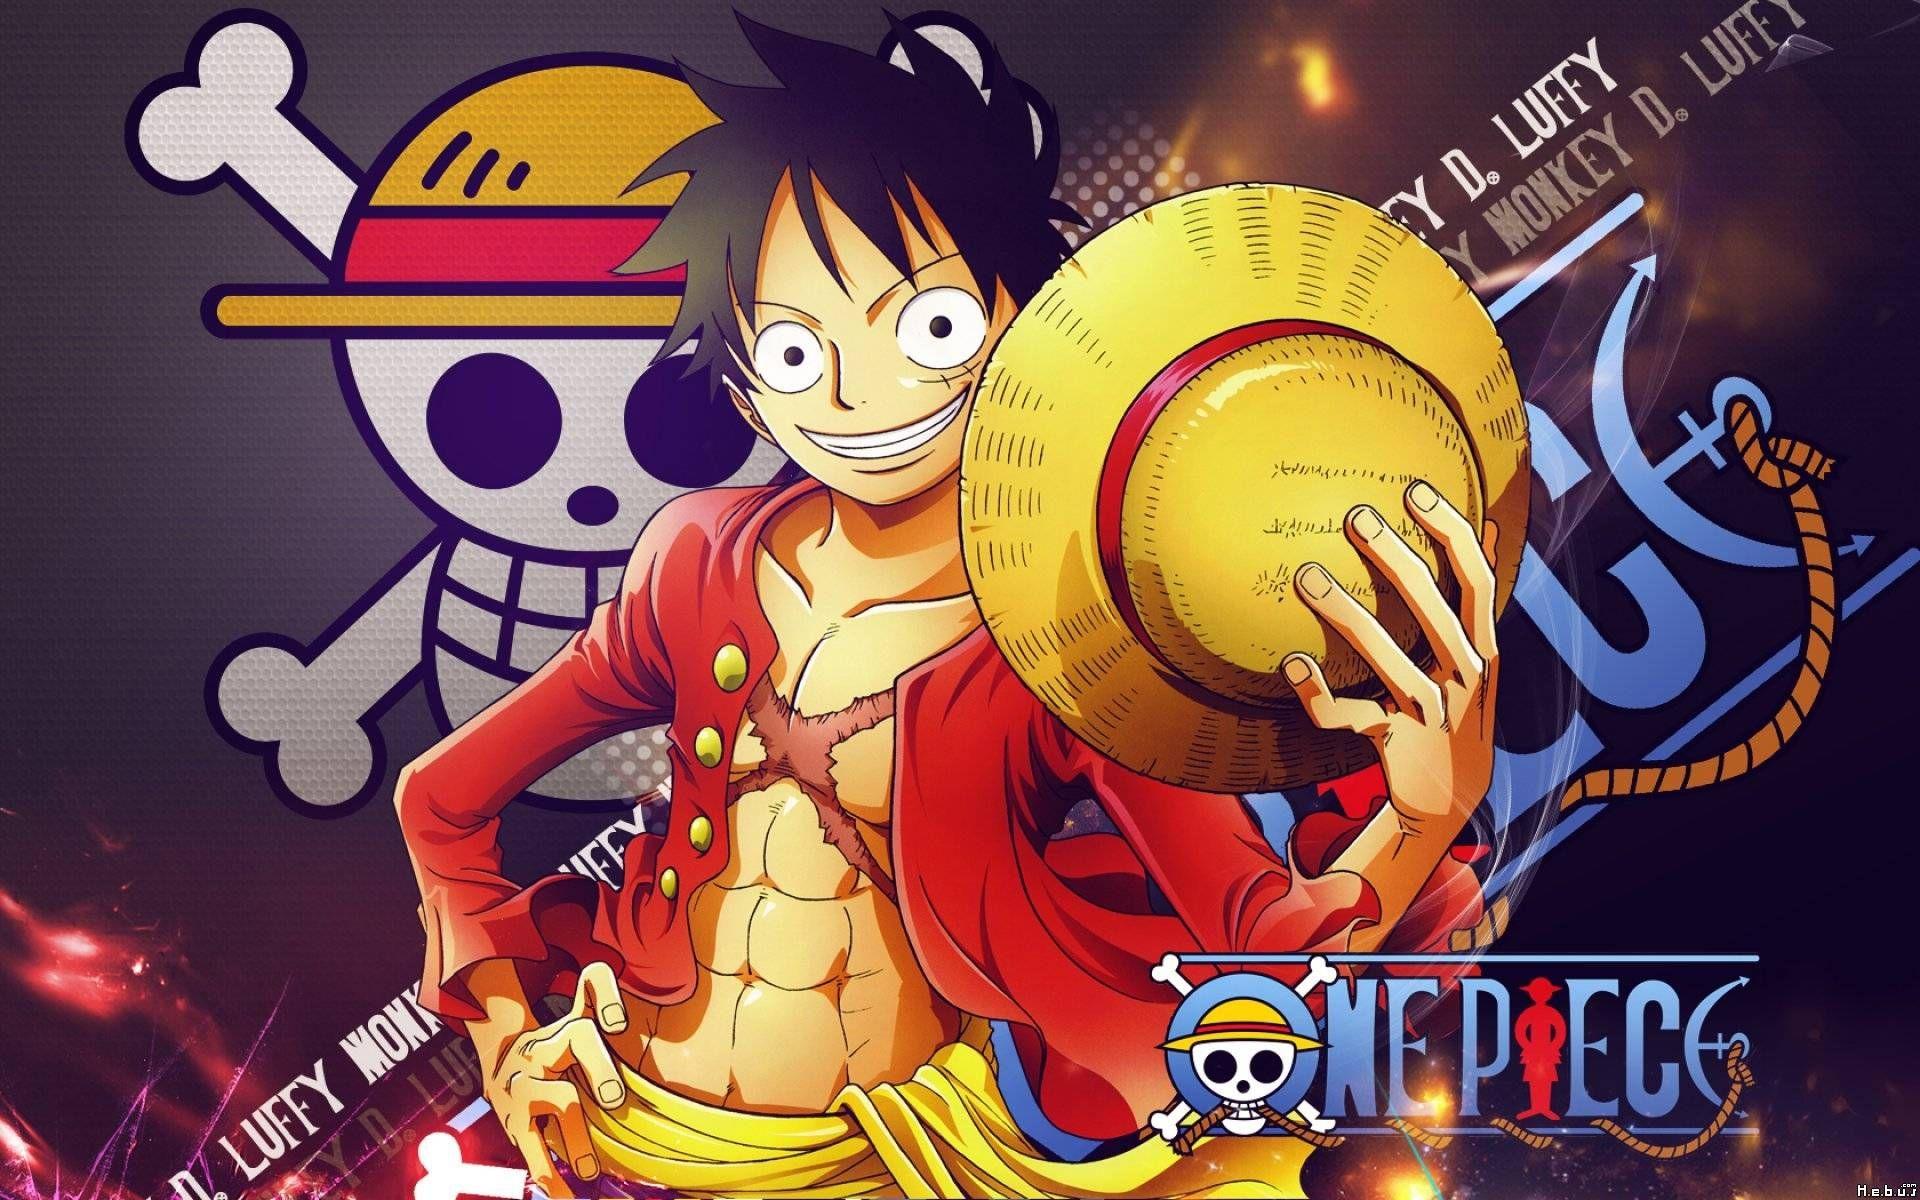 New World Monkey D Luffy One Piece Cartoon Manga HD Wallpaper Image